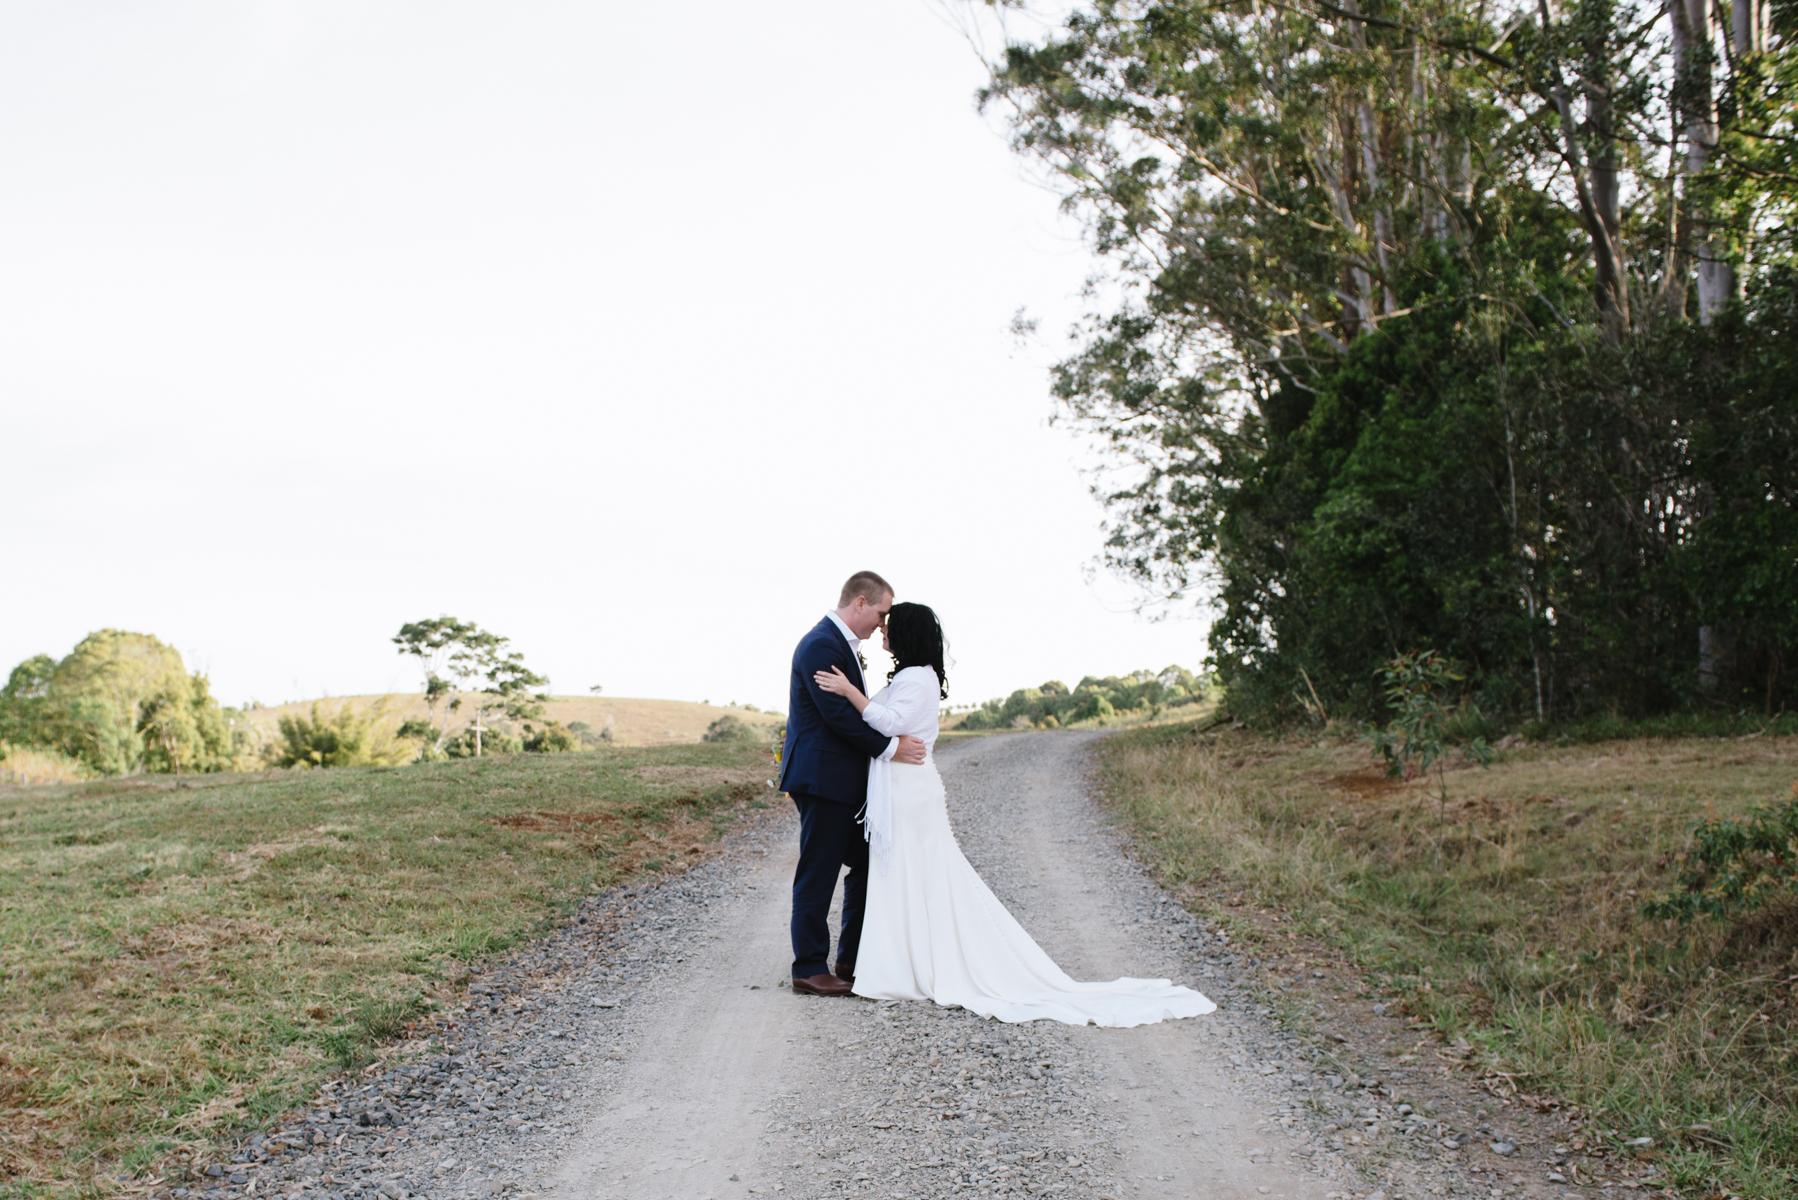 sarahandBenwedding- skyla sage photography weddings, families, byron bay,tweed coast,kingscliff,cabarita,gold coast-656.jpg